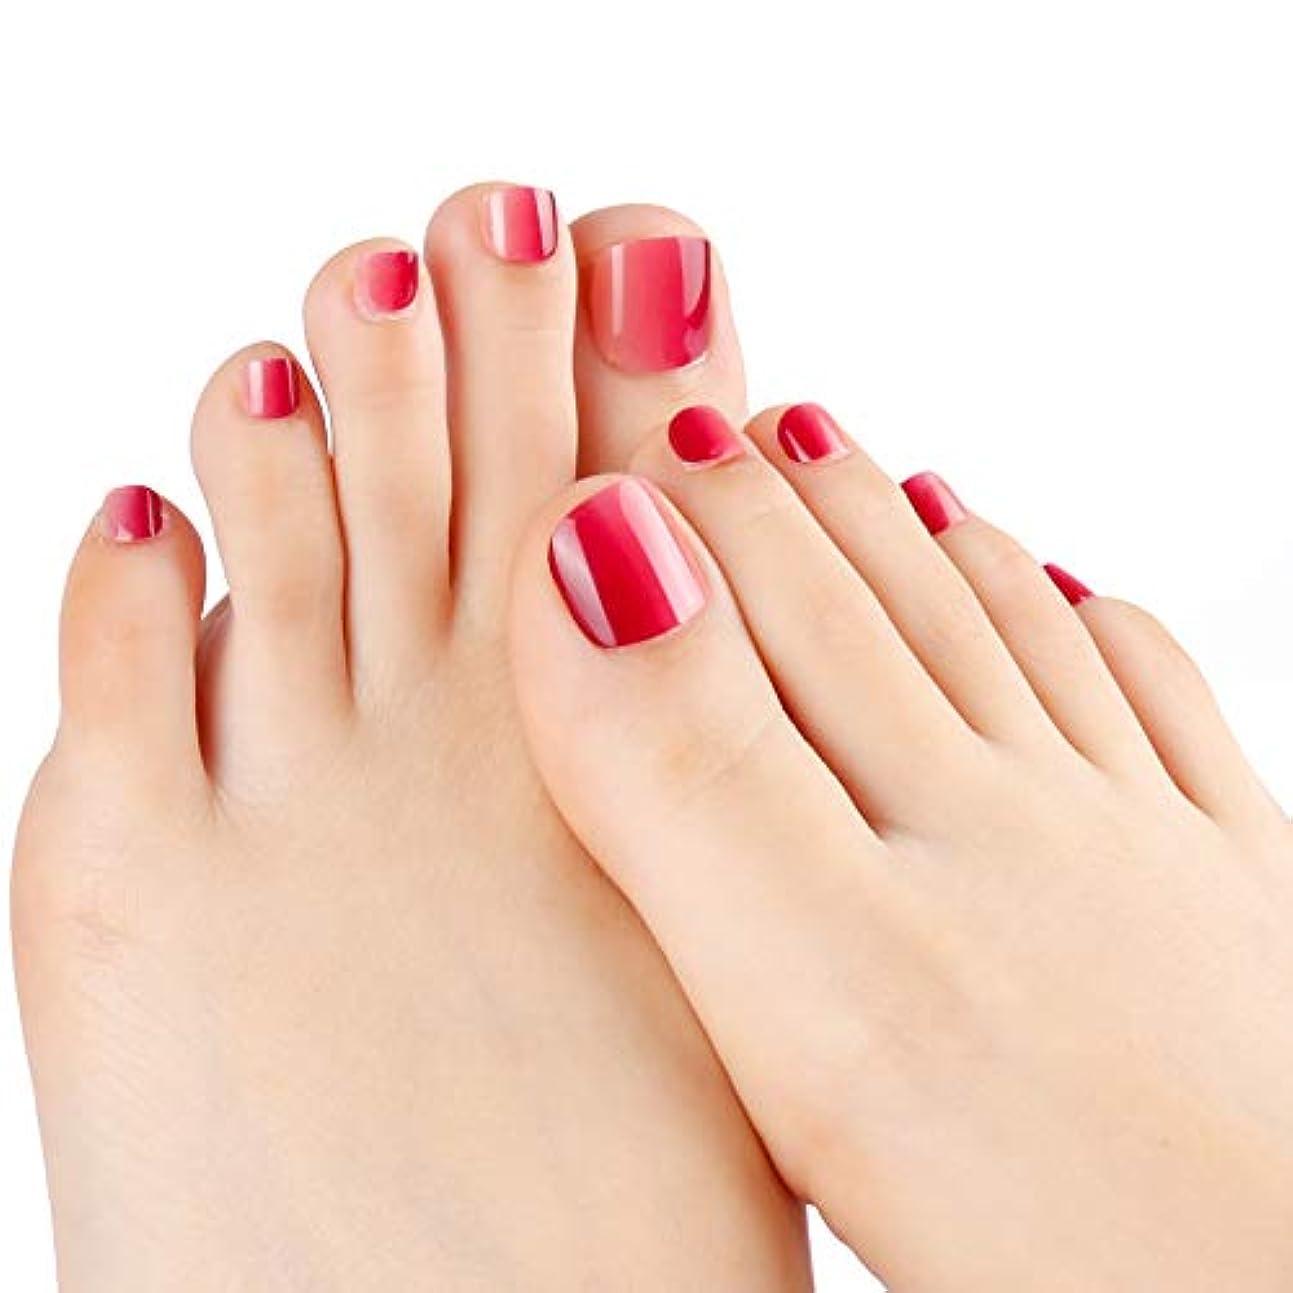 慣らすゴム世論調査ネイルチップ 24枚 12別サイズ つや 足の爪 ピンク グラデーション 短い 四角形 フルカバー